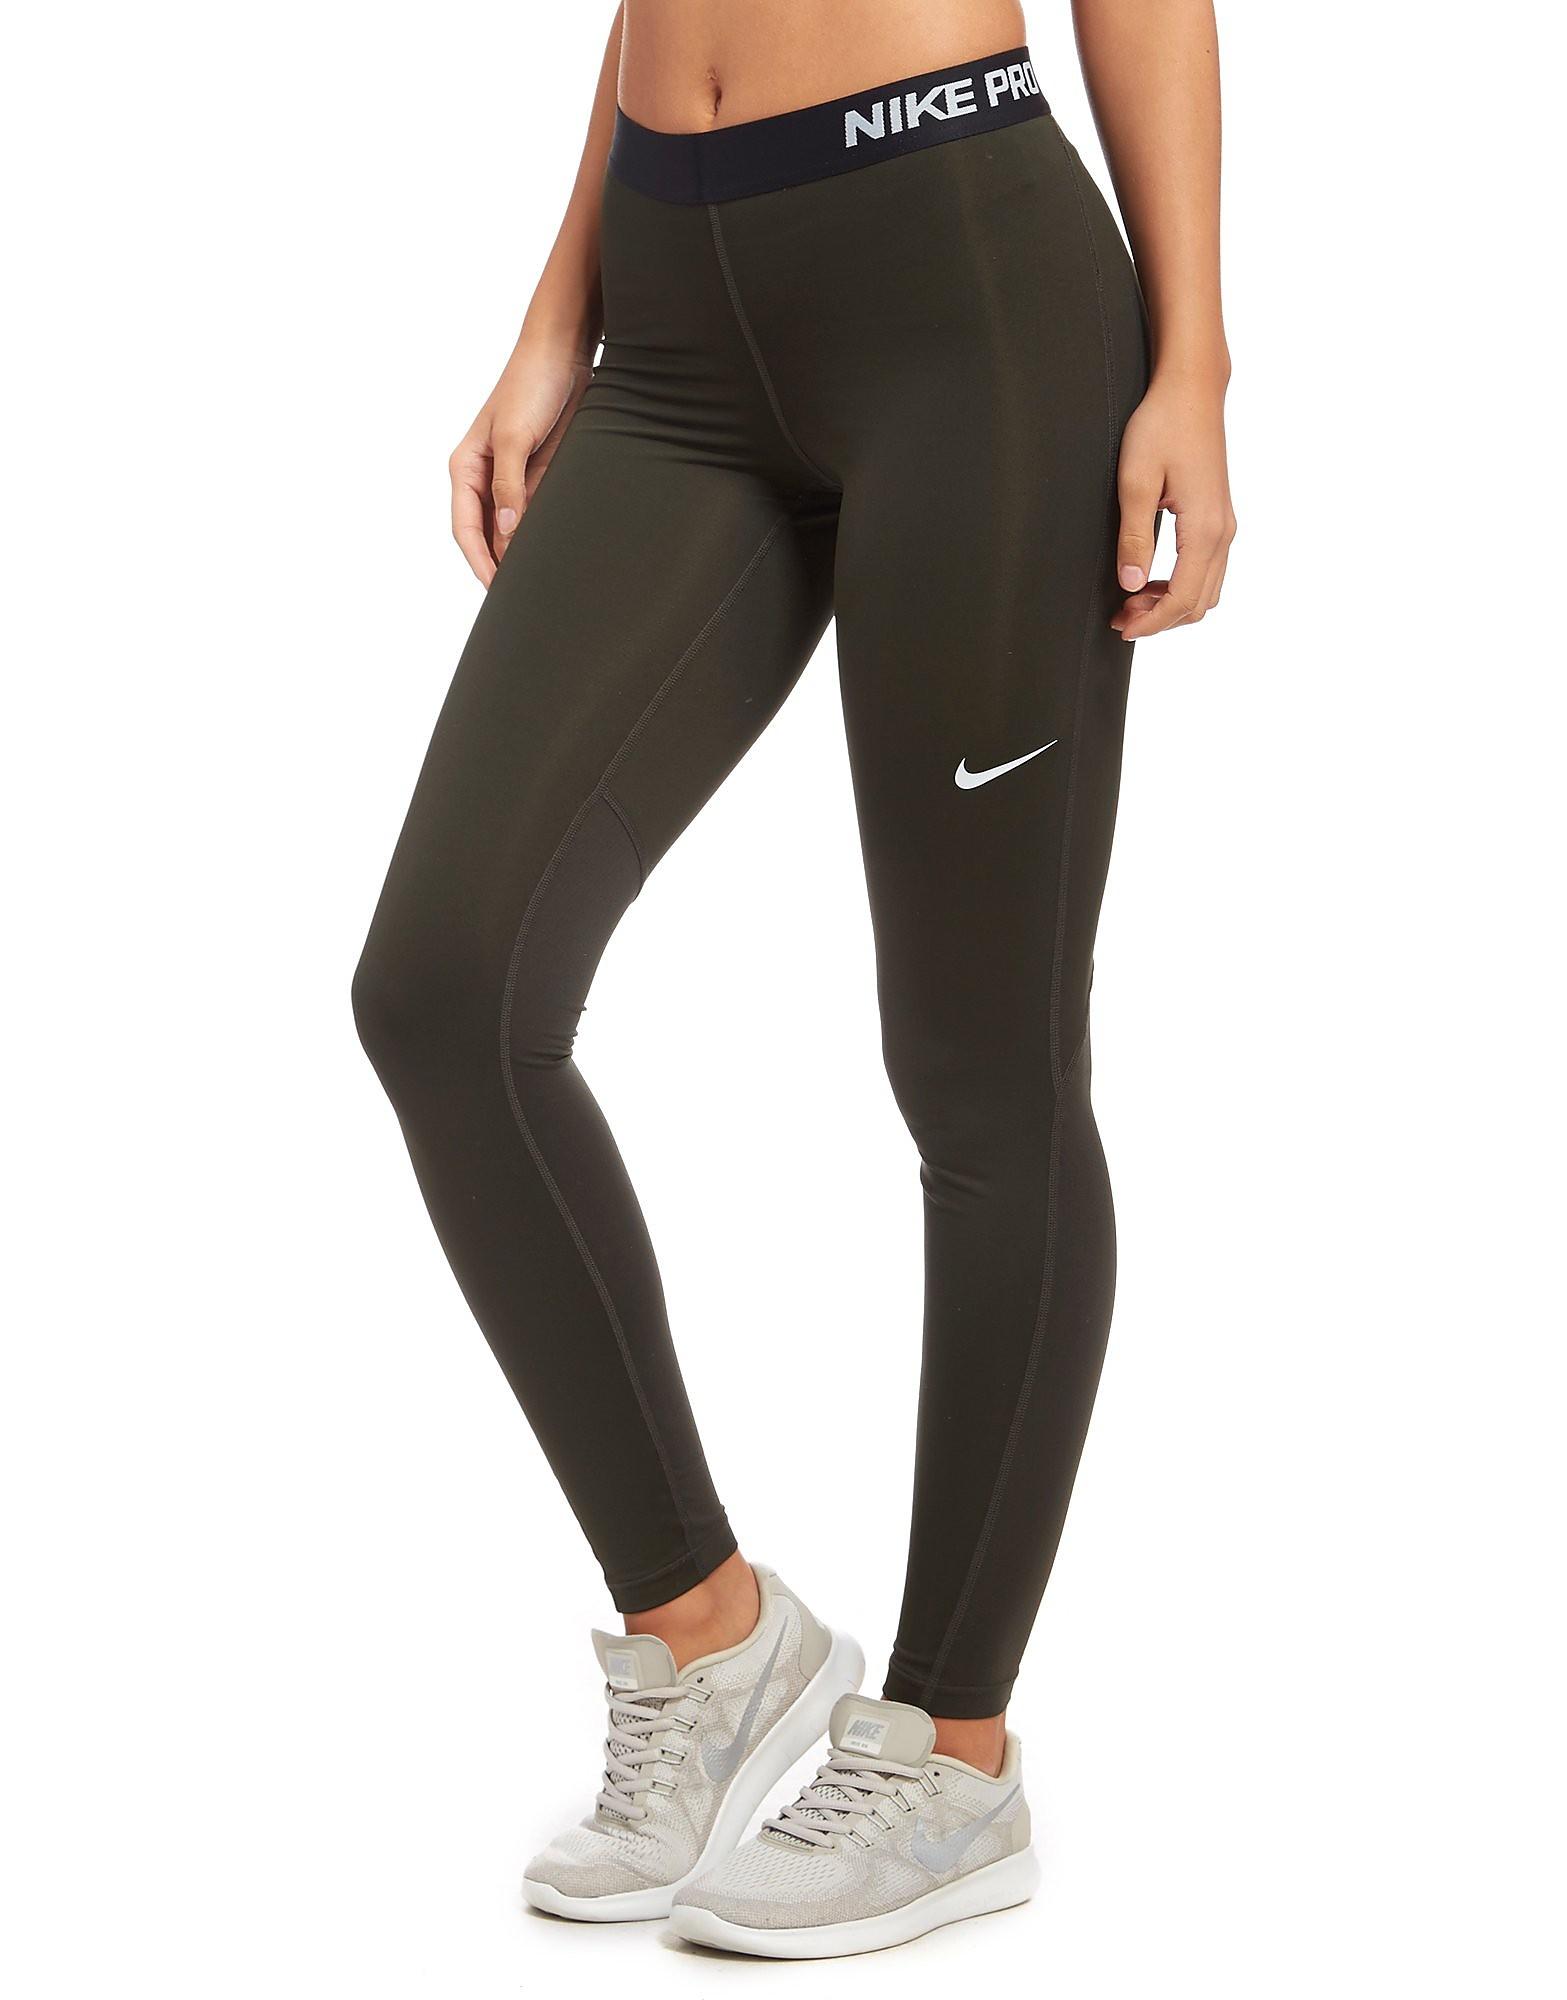 Nike Pro Tight Leggings